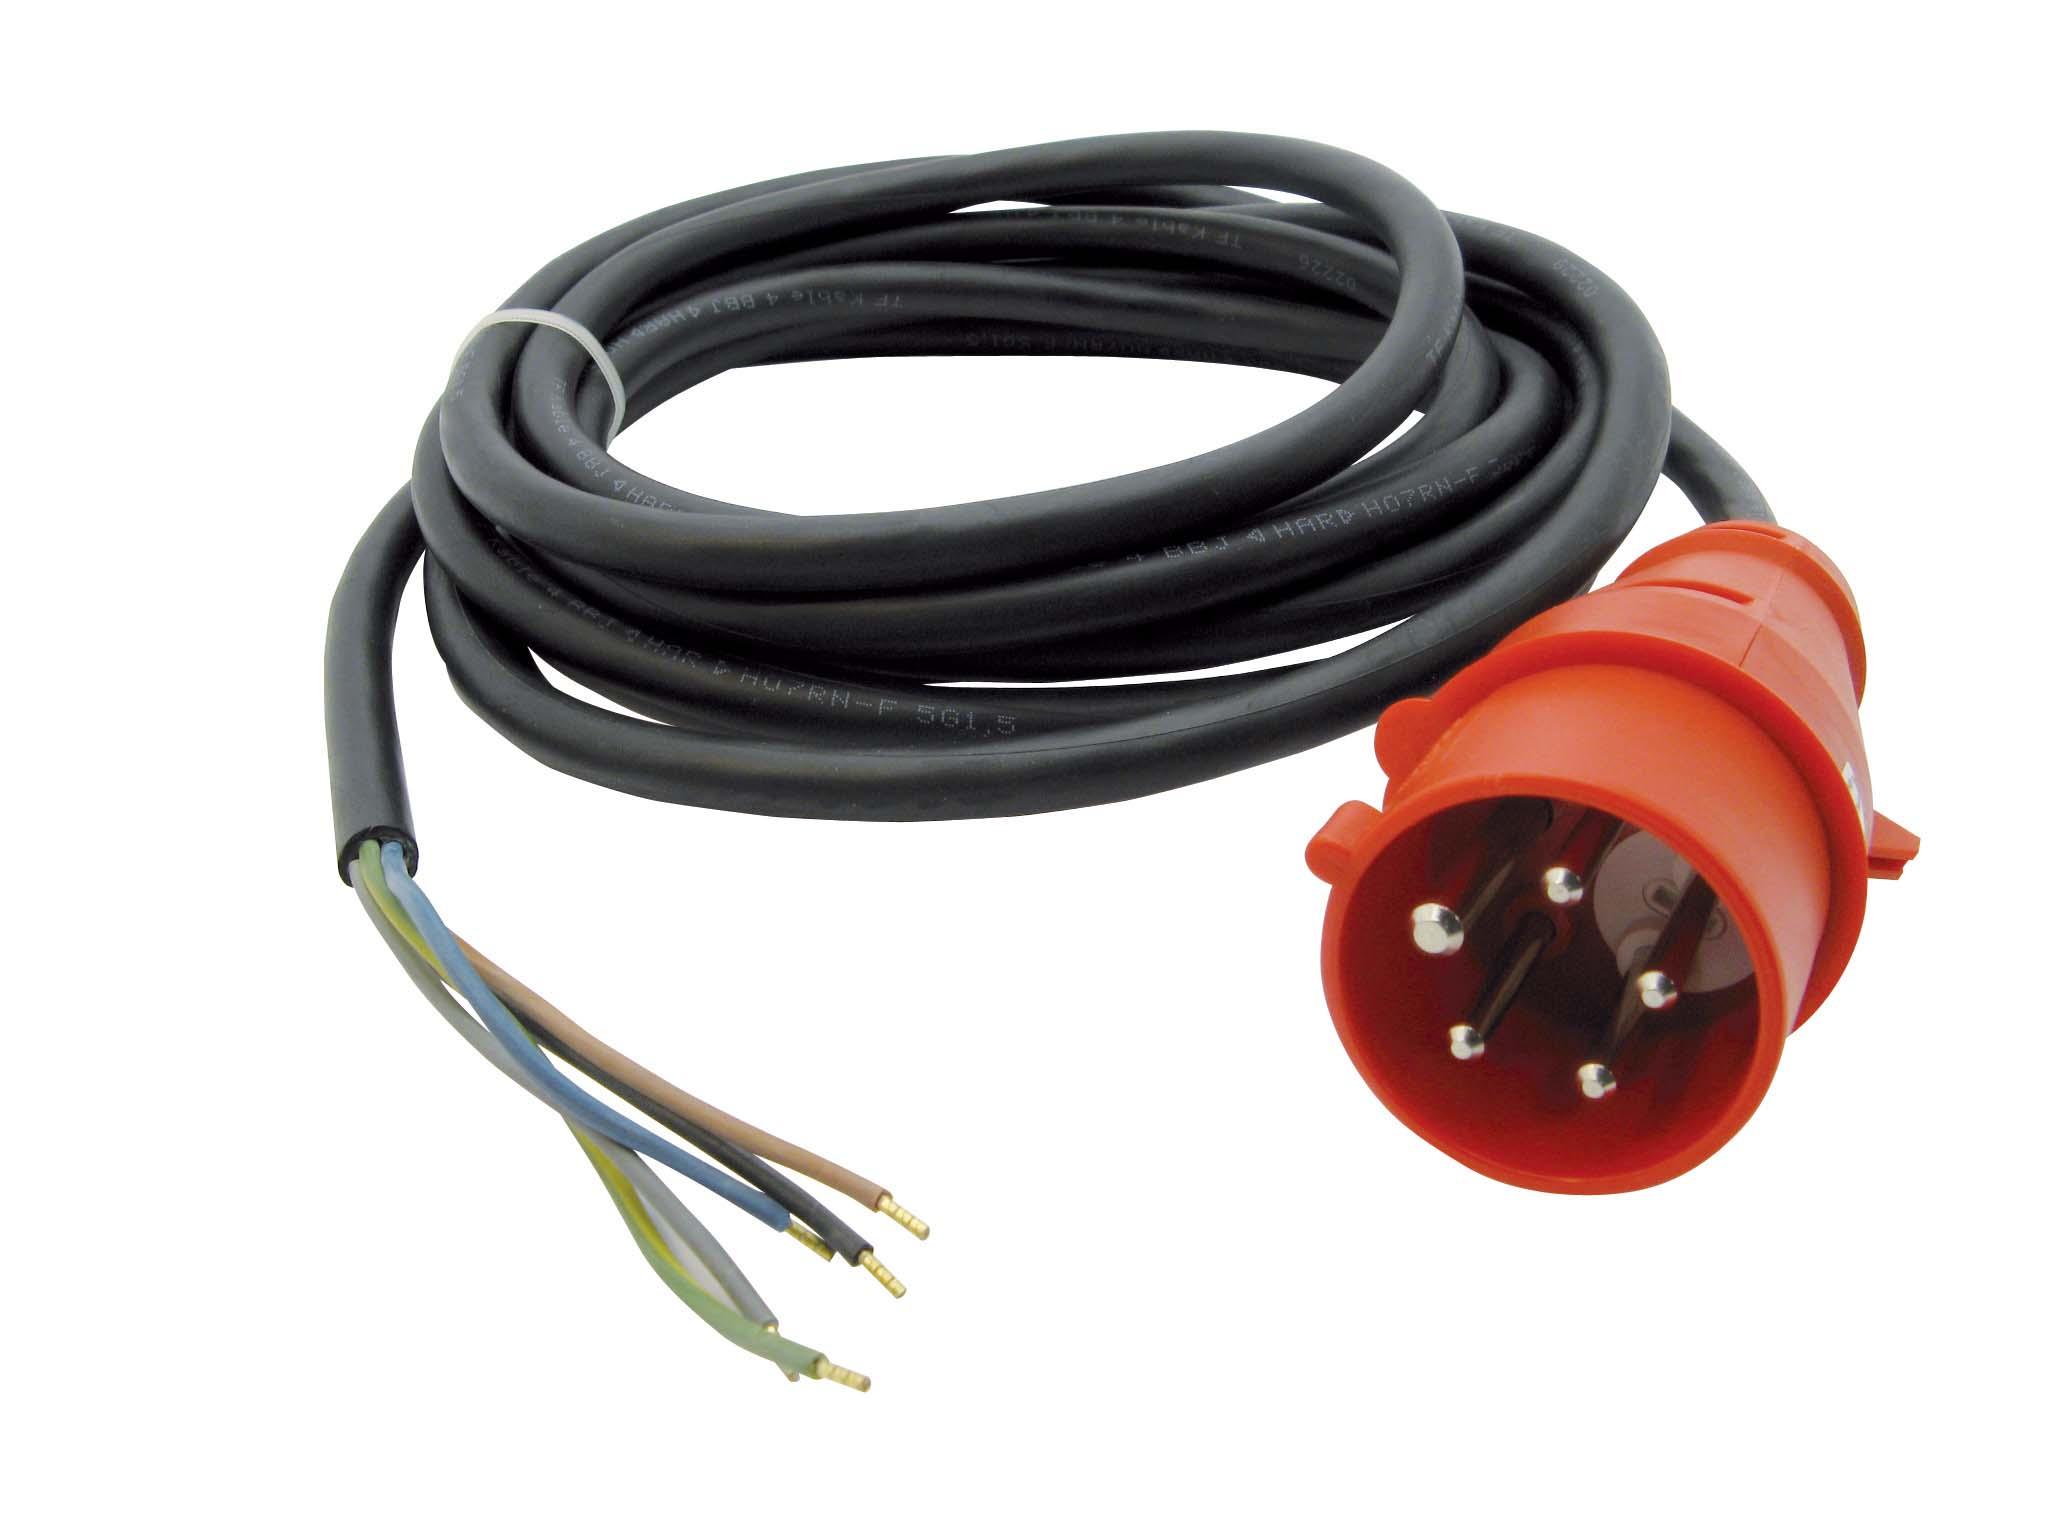 Gummi Netzleitungen 2P+E und 3P+N+E mit Stecker